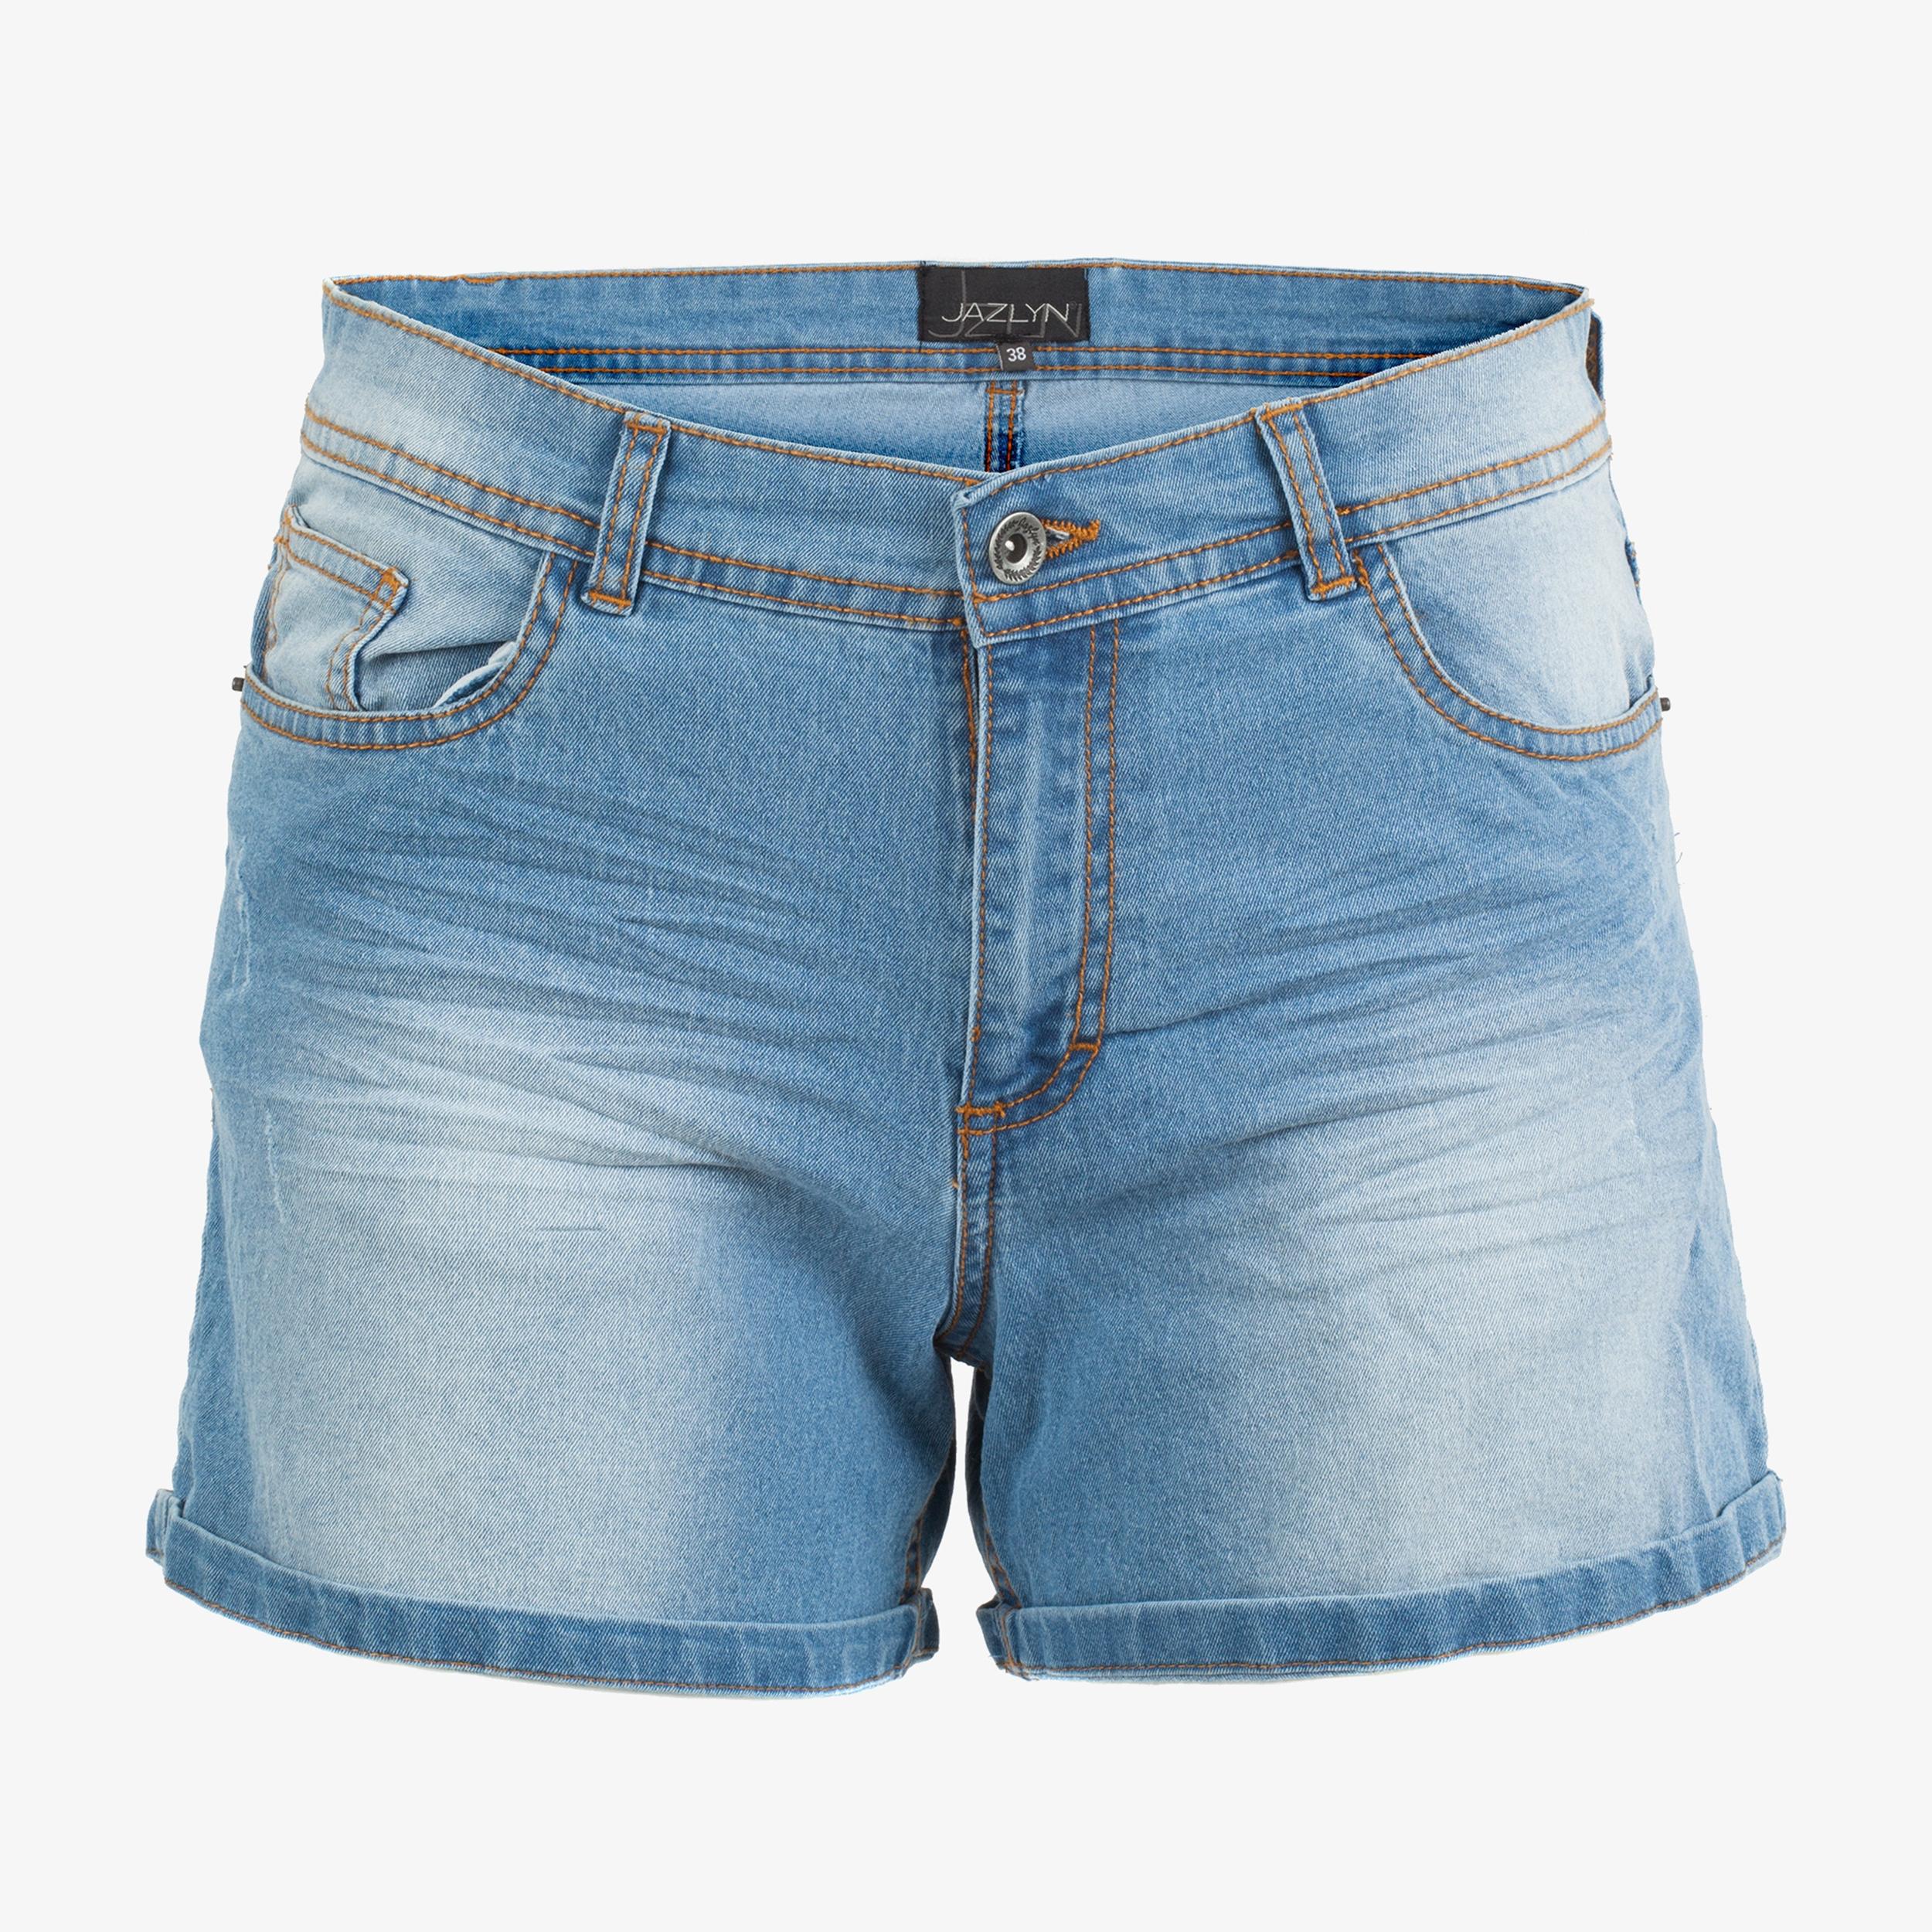 Korte Broek Dames Jeans.Jazlyn Dames Korte Broek Online Bestellen Scapino